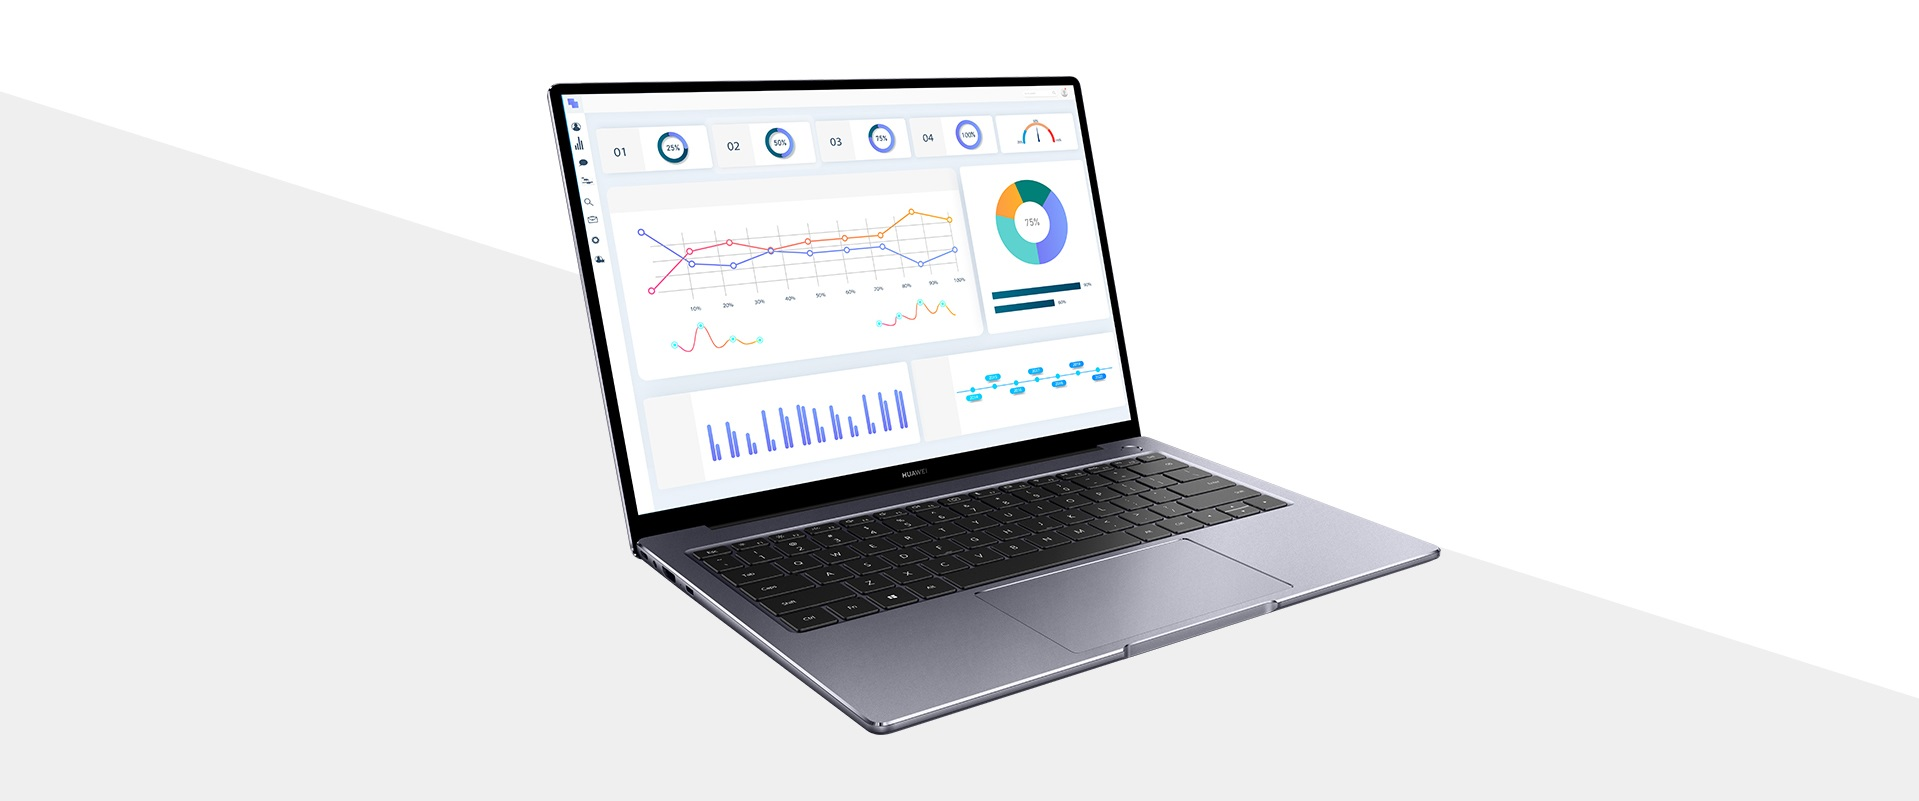 Huawei MateBook B5-420 laptop